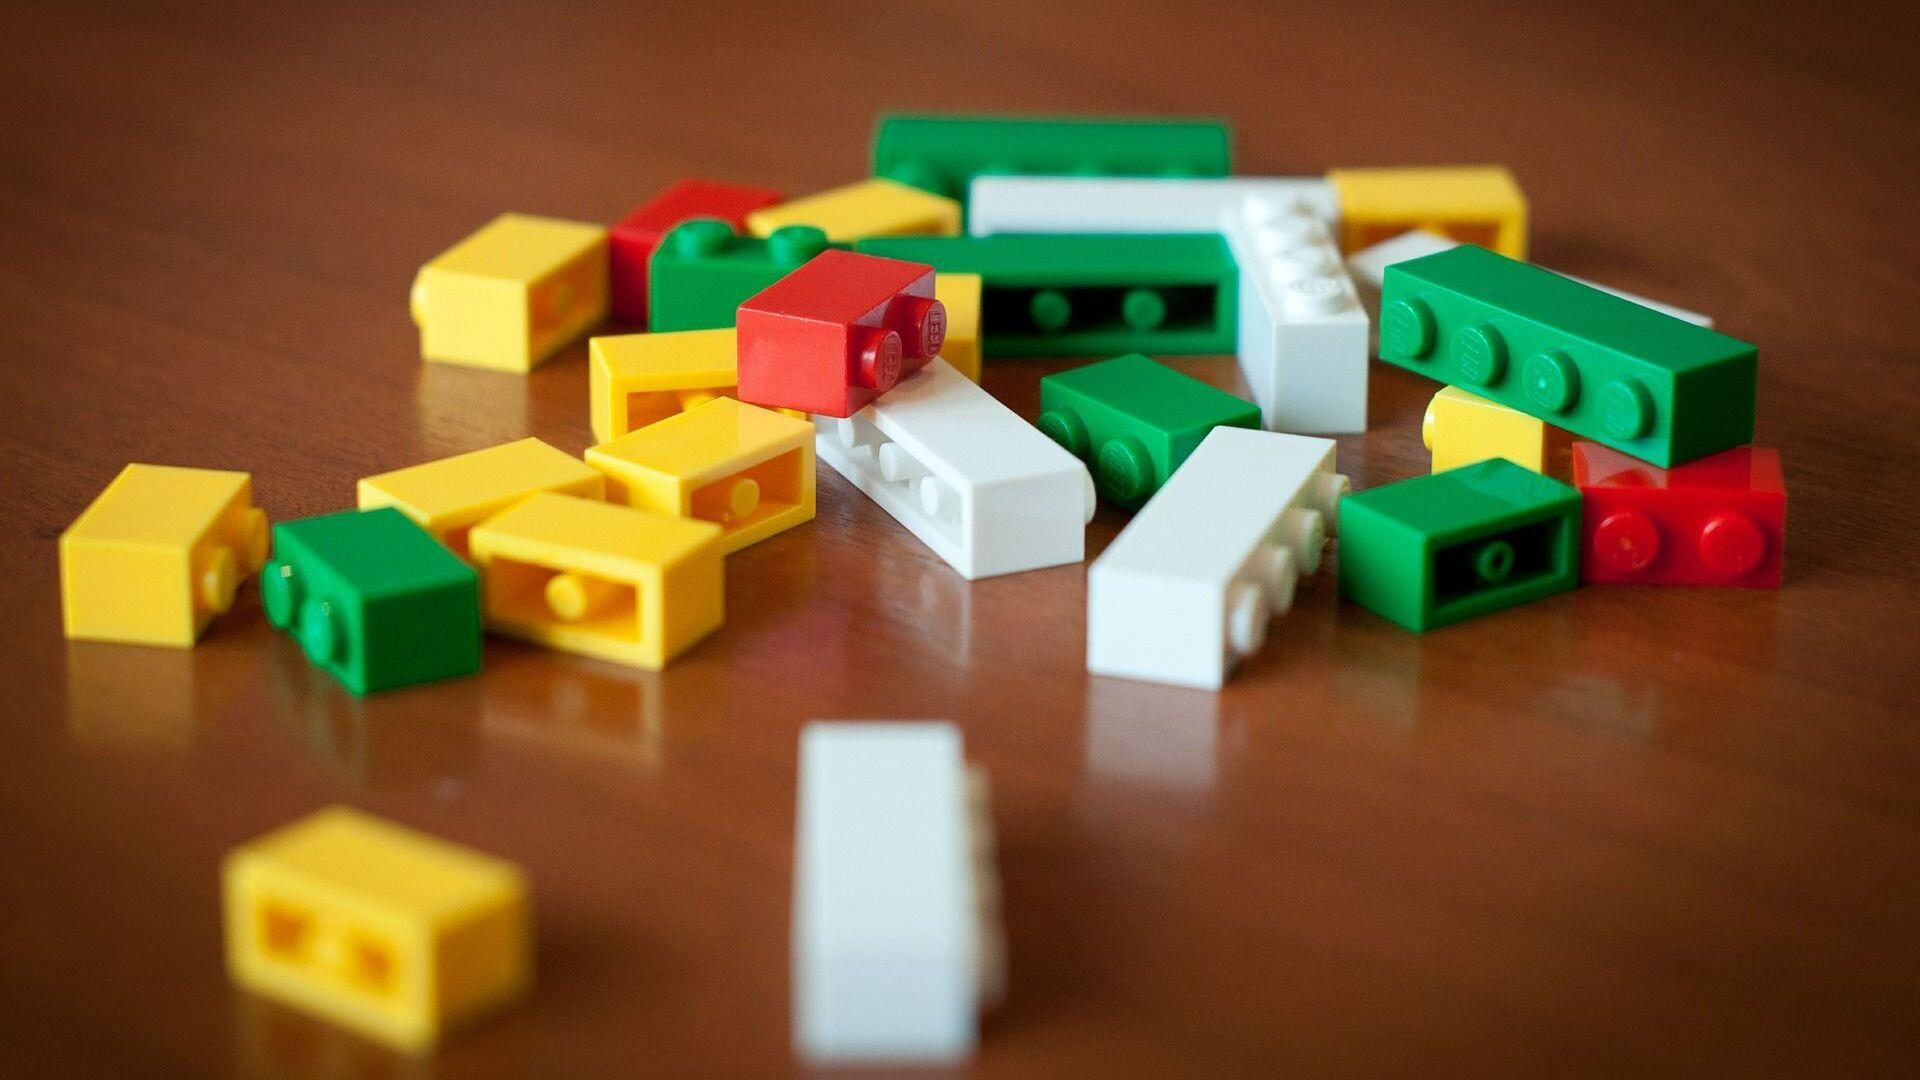 Bloques de LEGO (imagen referencial) - Sputnik Mundo, 1920, 11.07.2021